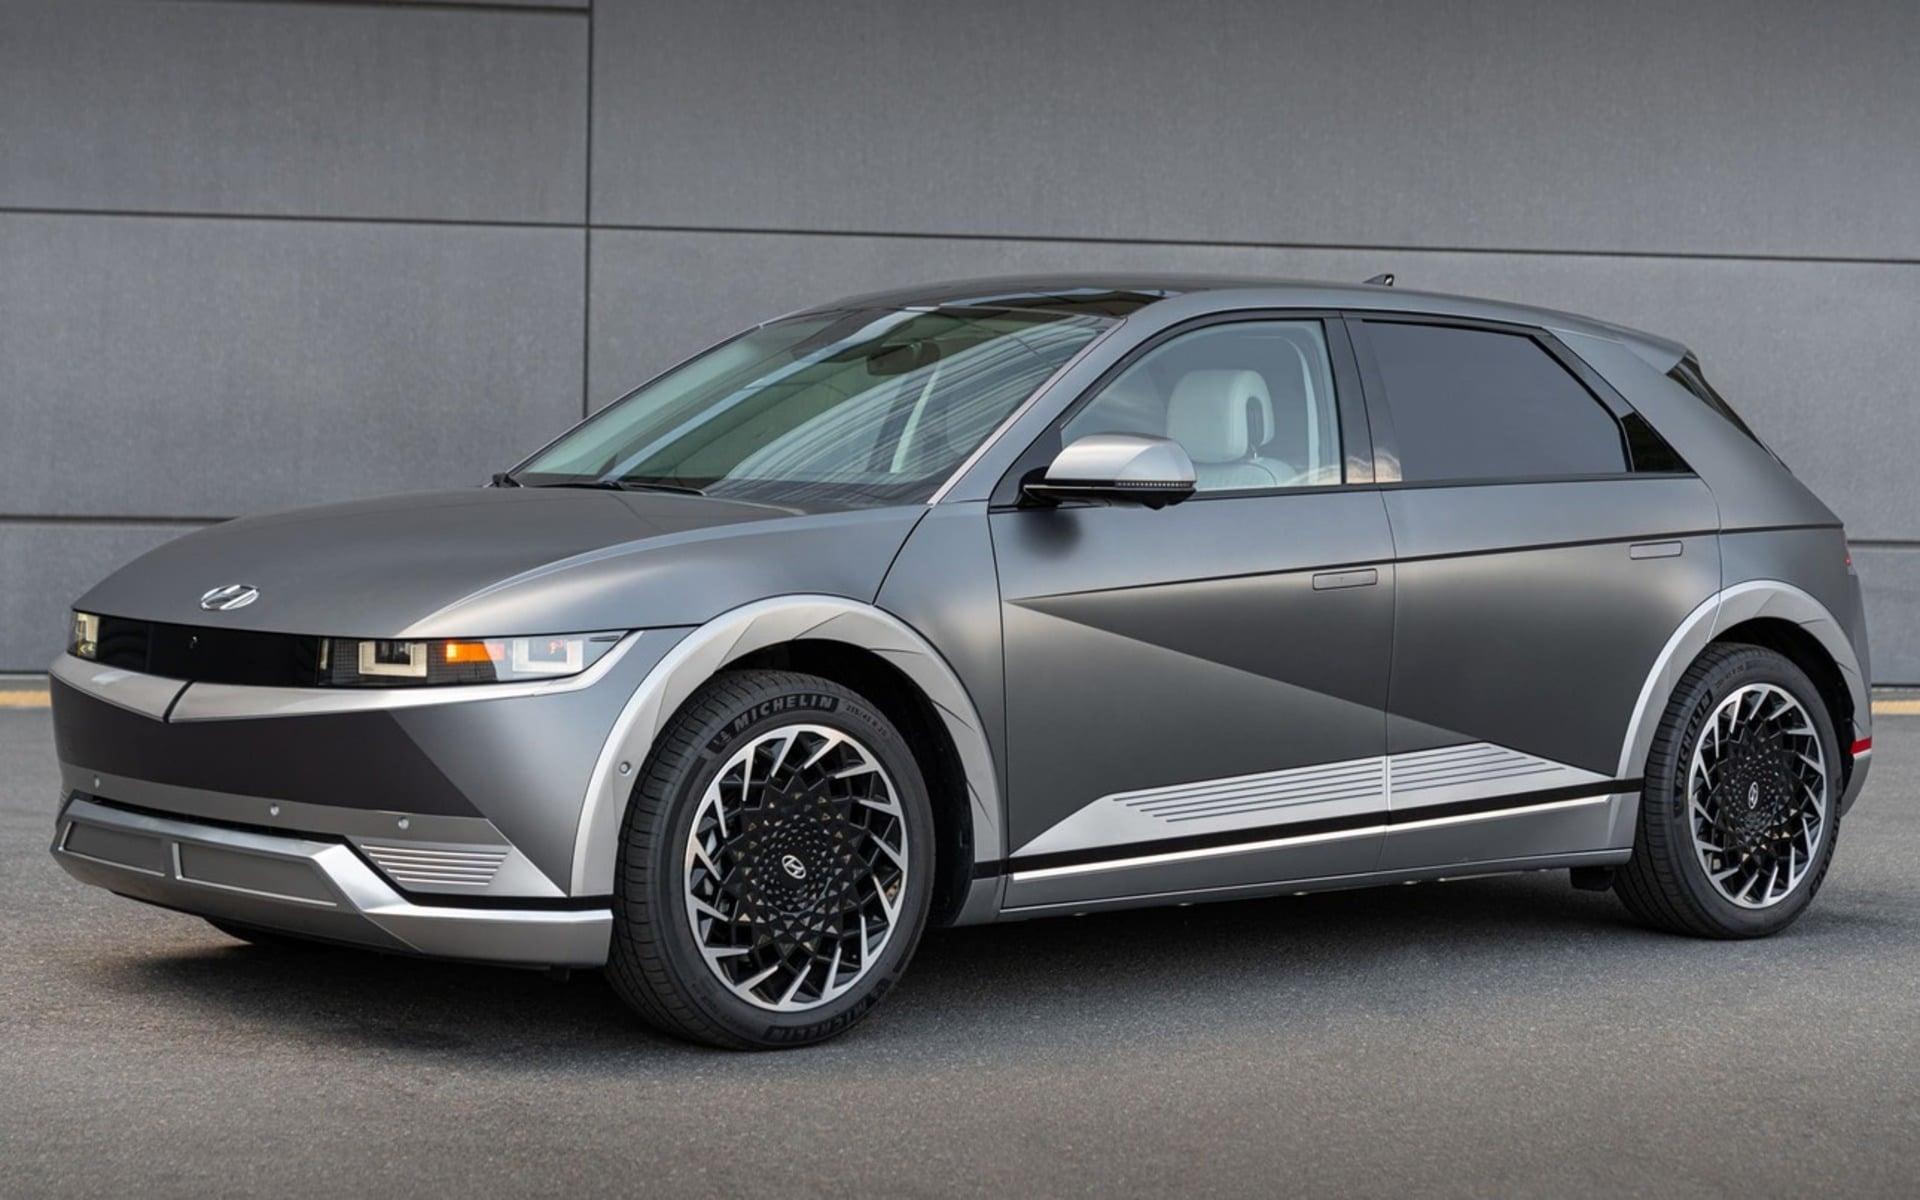 Actualité Renault - Photo d'illustration Calendrier des voitures les plus attendues en 2021